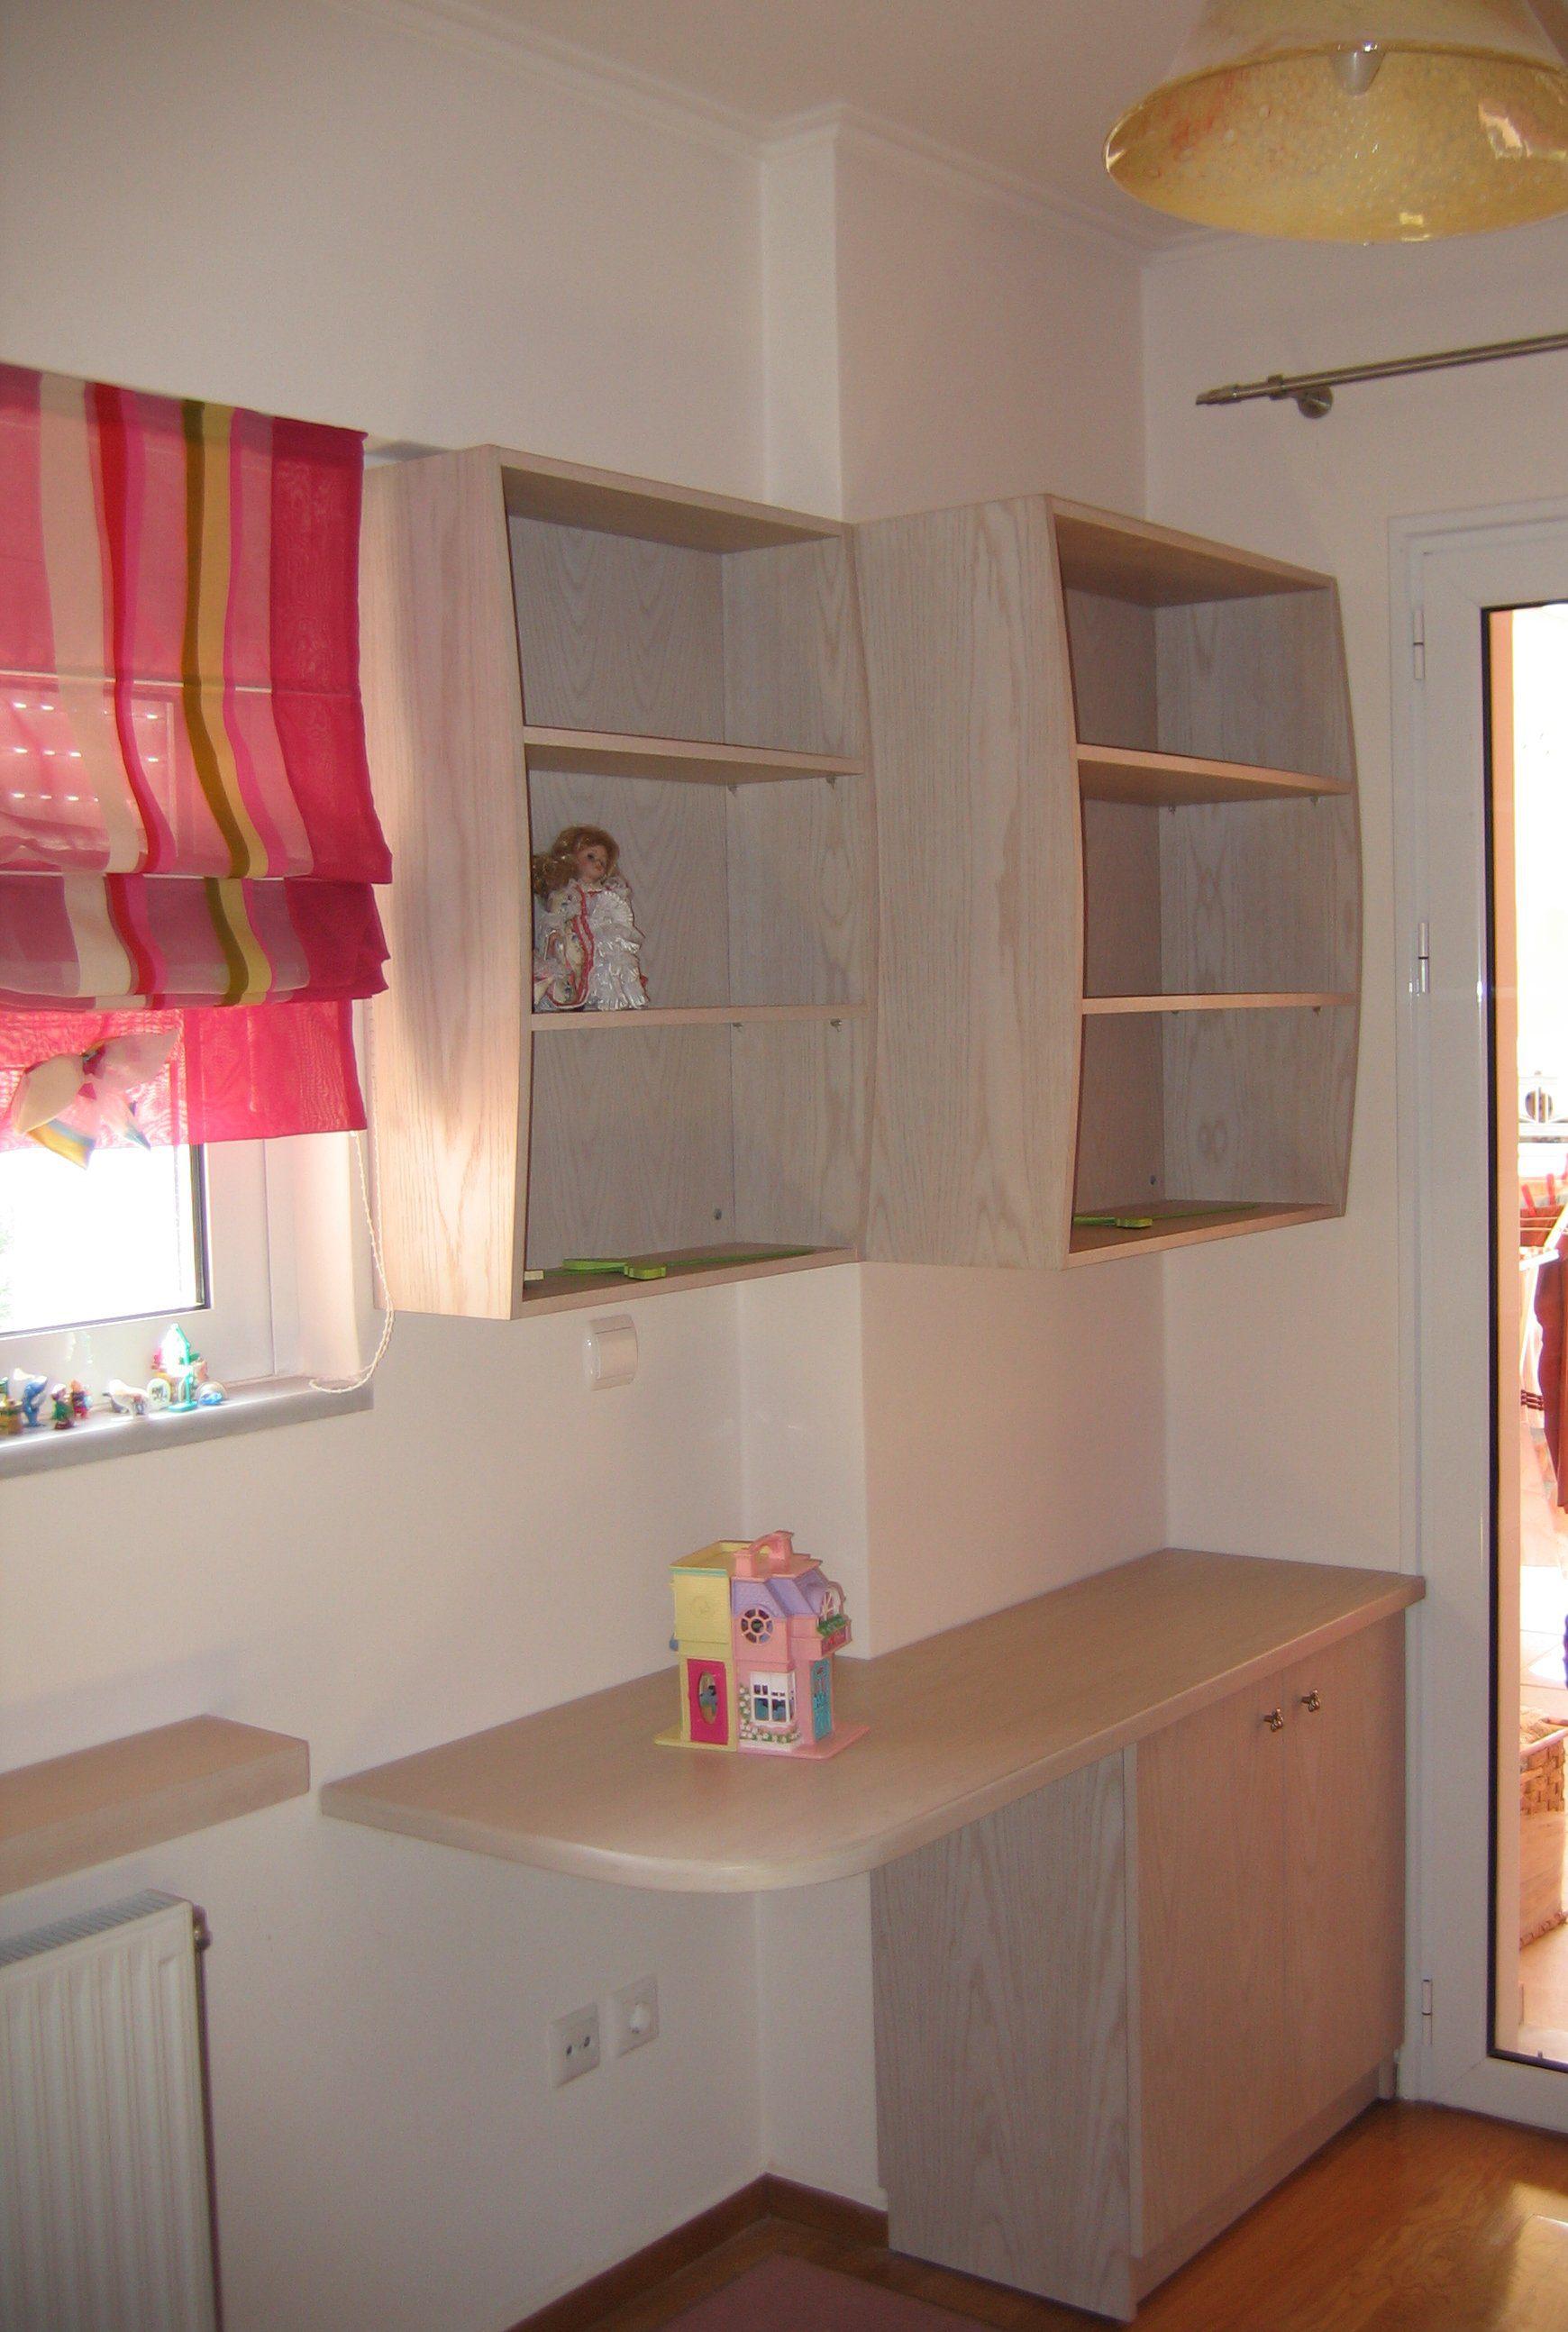 Η απόλυτη εκμετάλλευση χώρου για πολύ μικρό παιδικό δωμάτιο.